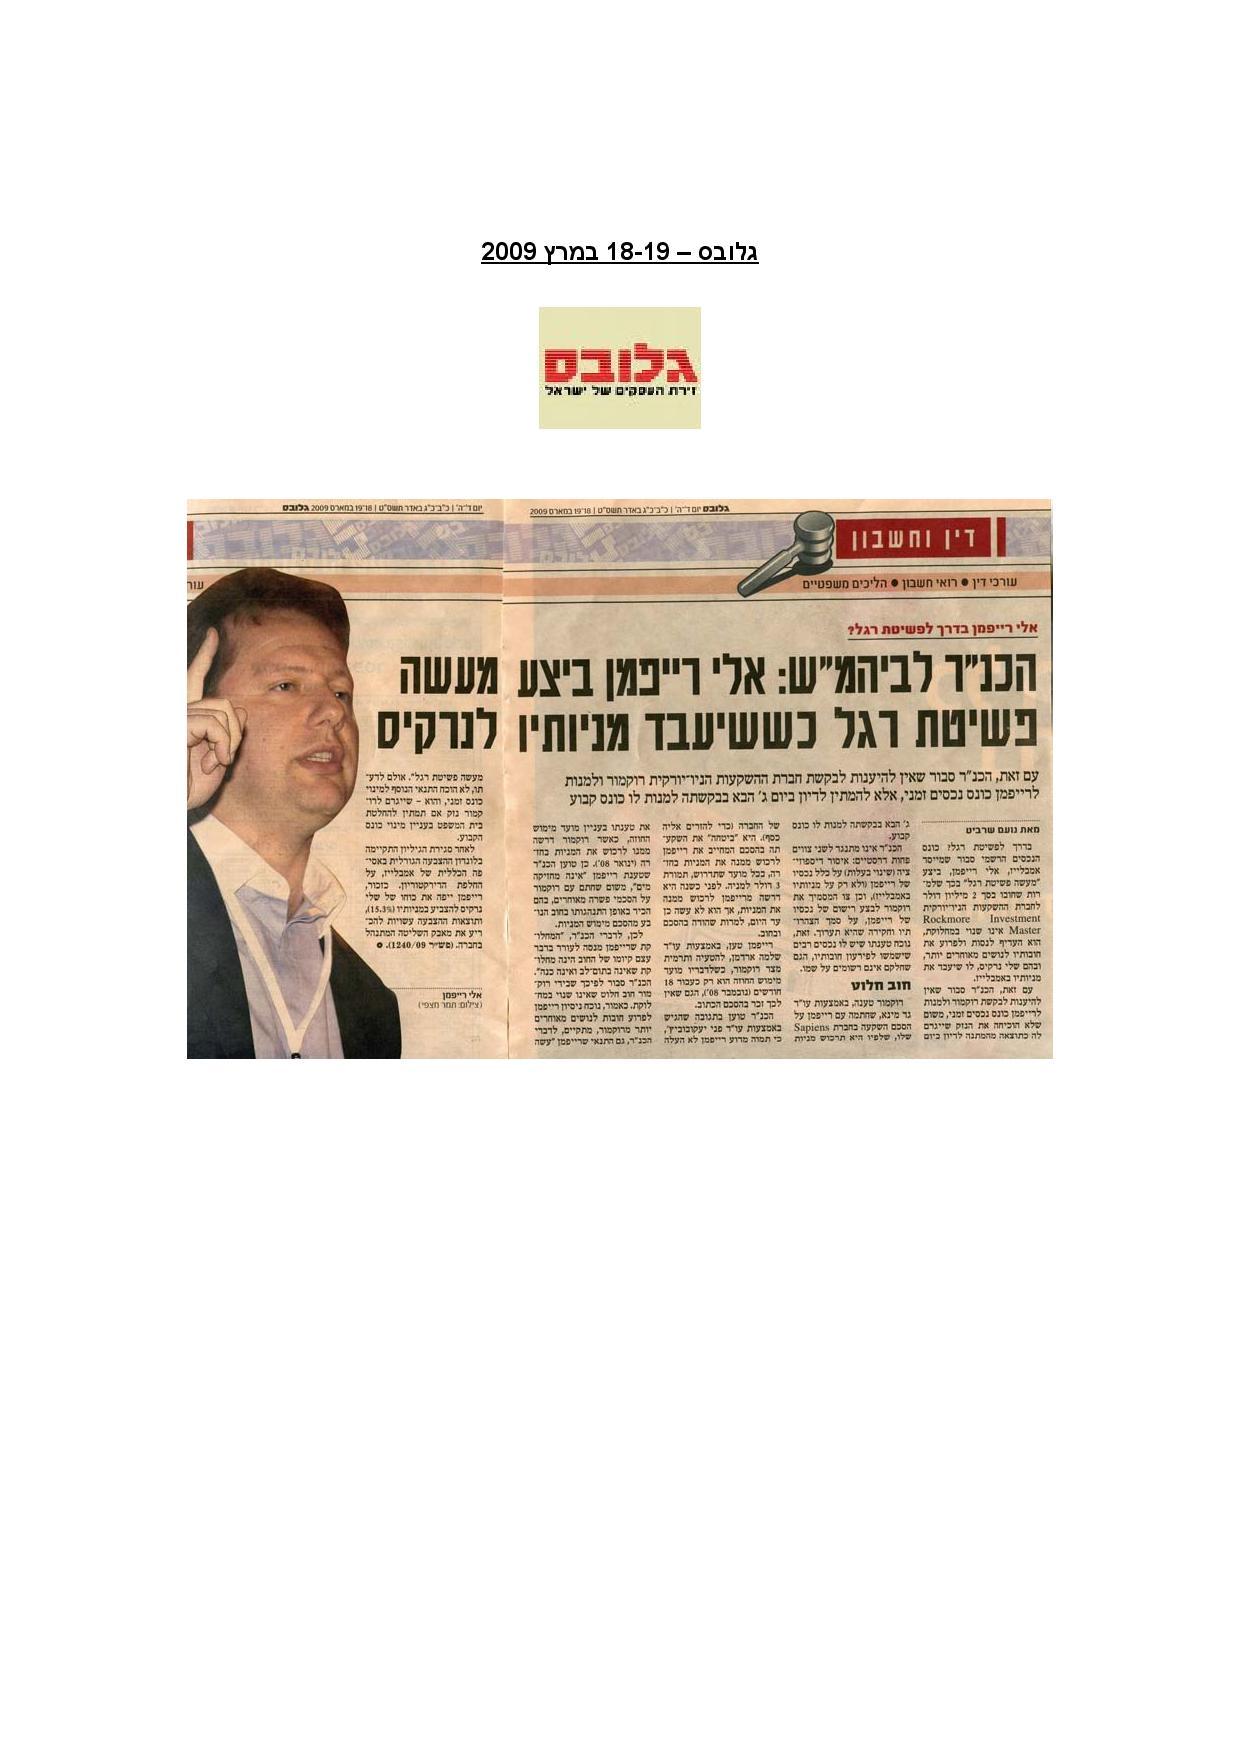 גלובס, דה מרקר, MSN כלכליסט 18.3.2009